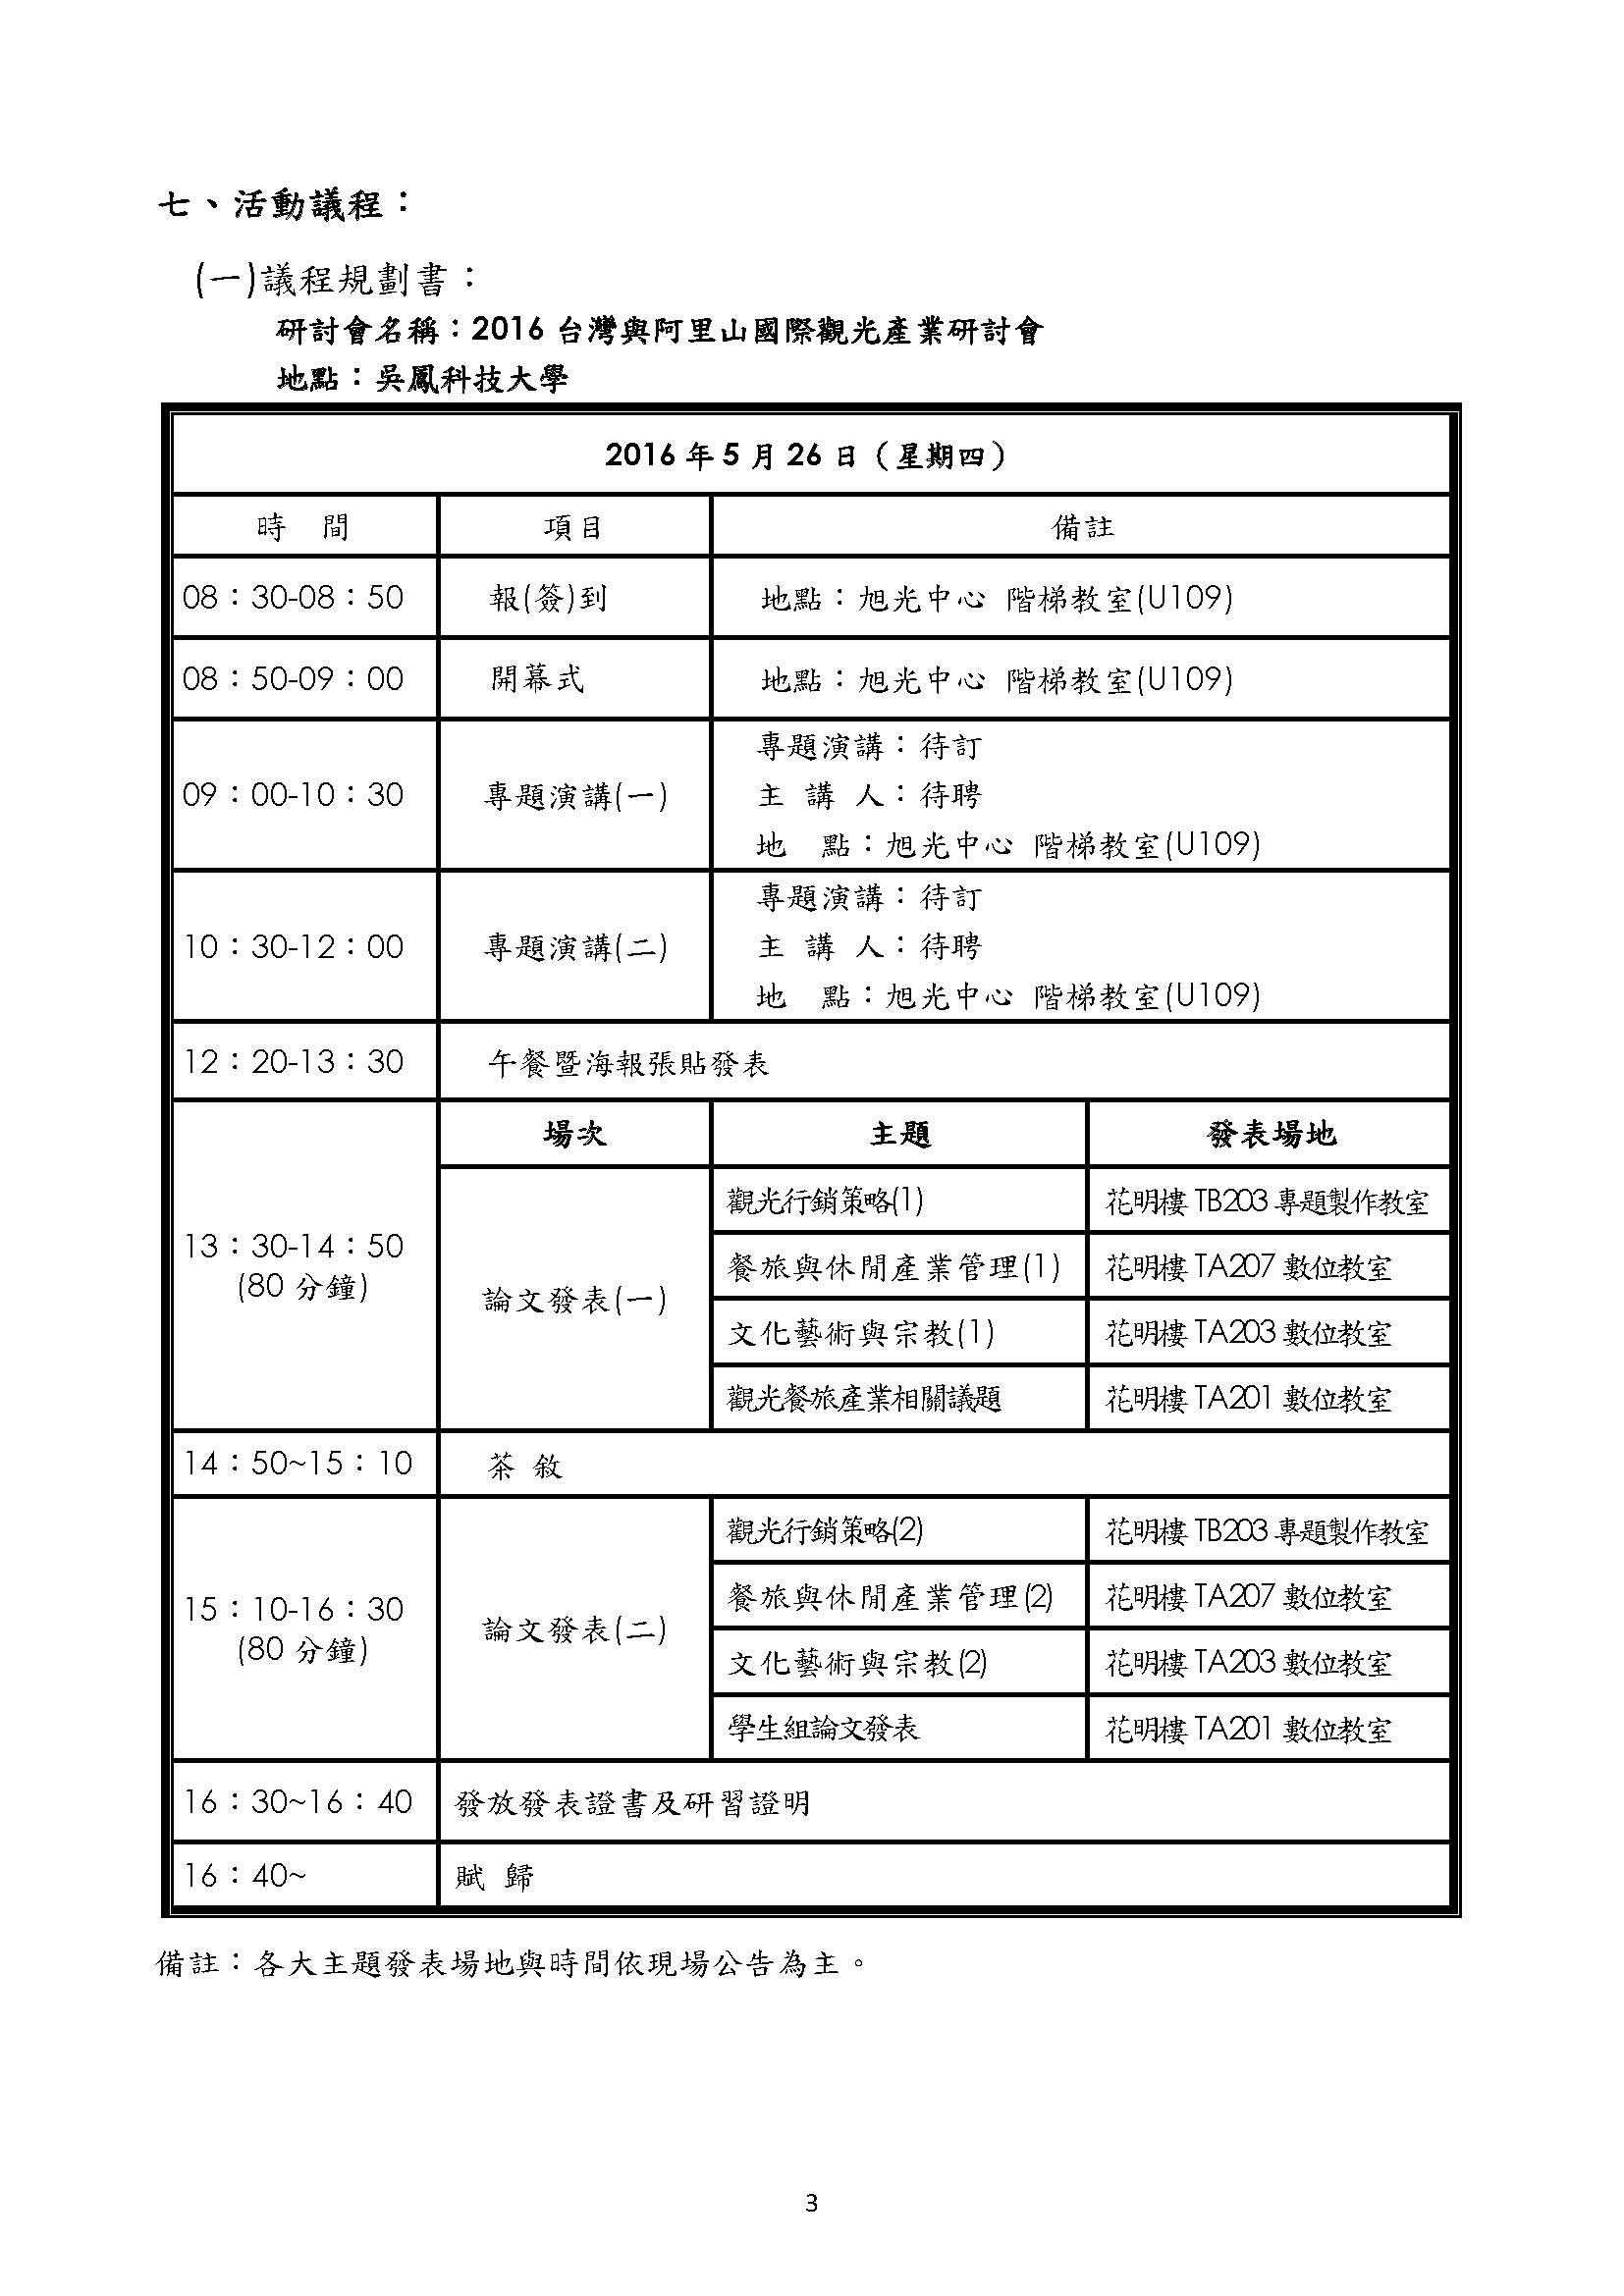 A095Q0000Q0000000_附件-2016台灣與阿里山國際觀光產業研討會_頁面_03